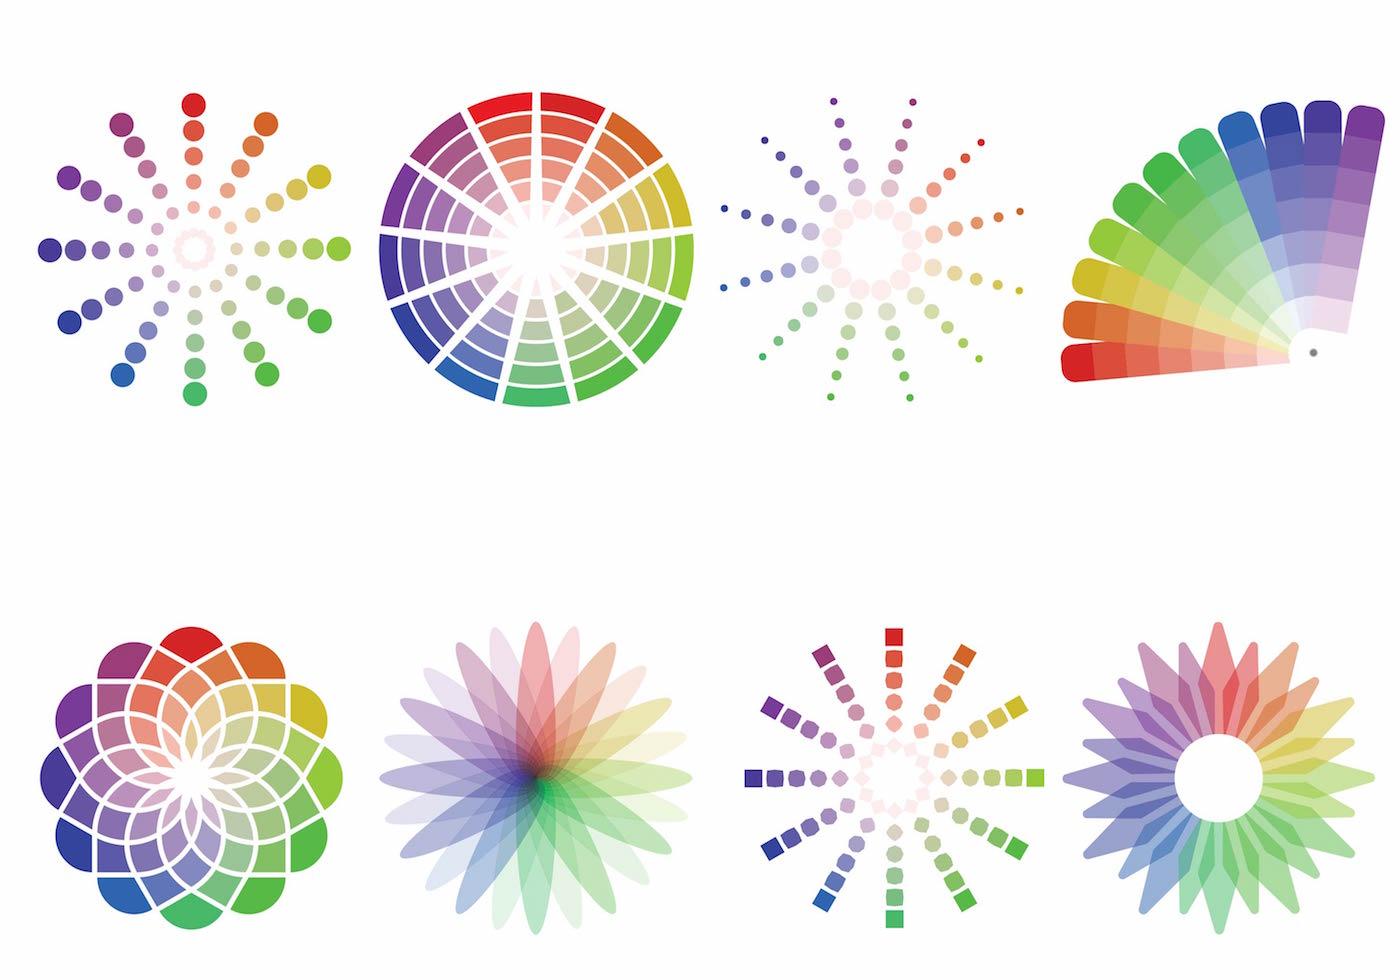 Download Free Vectors, Clipart Graphics